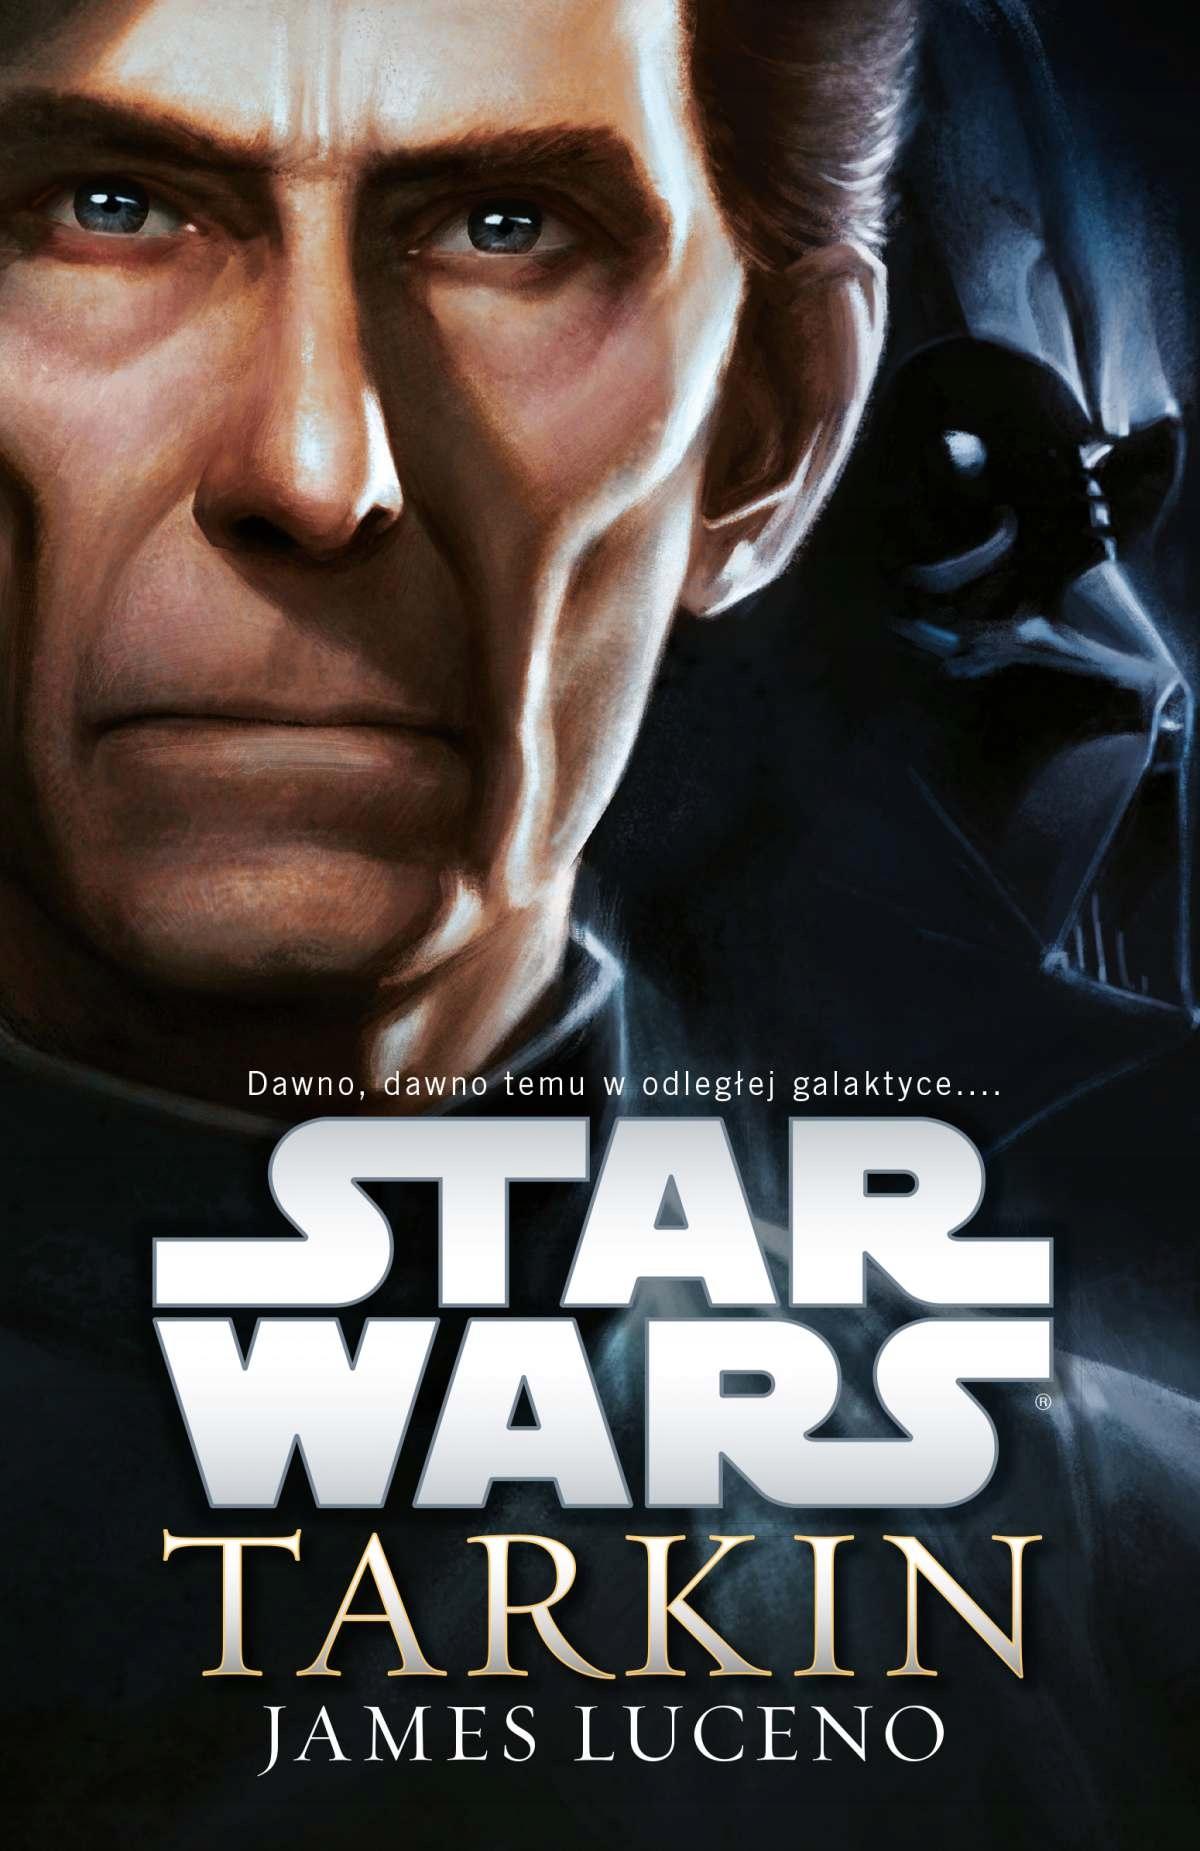 Star Wars. Tarkin James Luceno